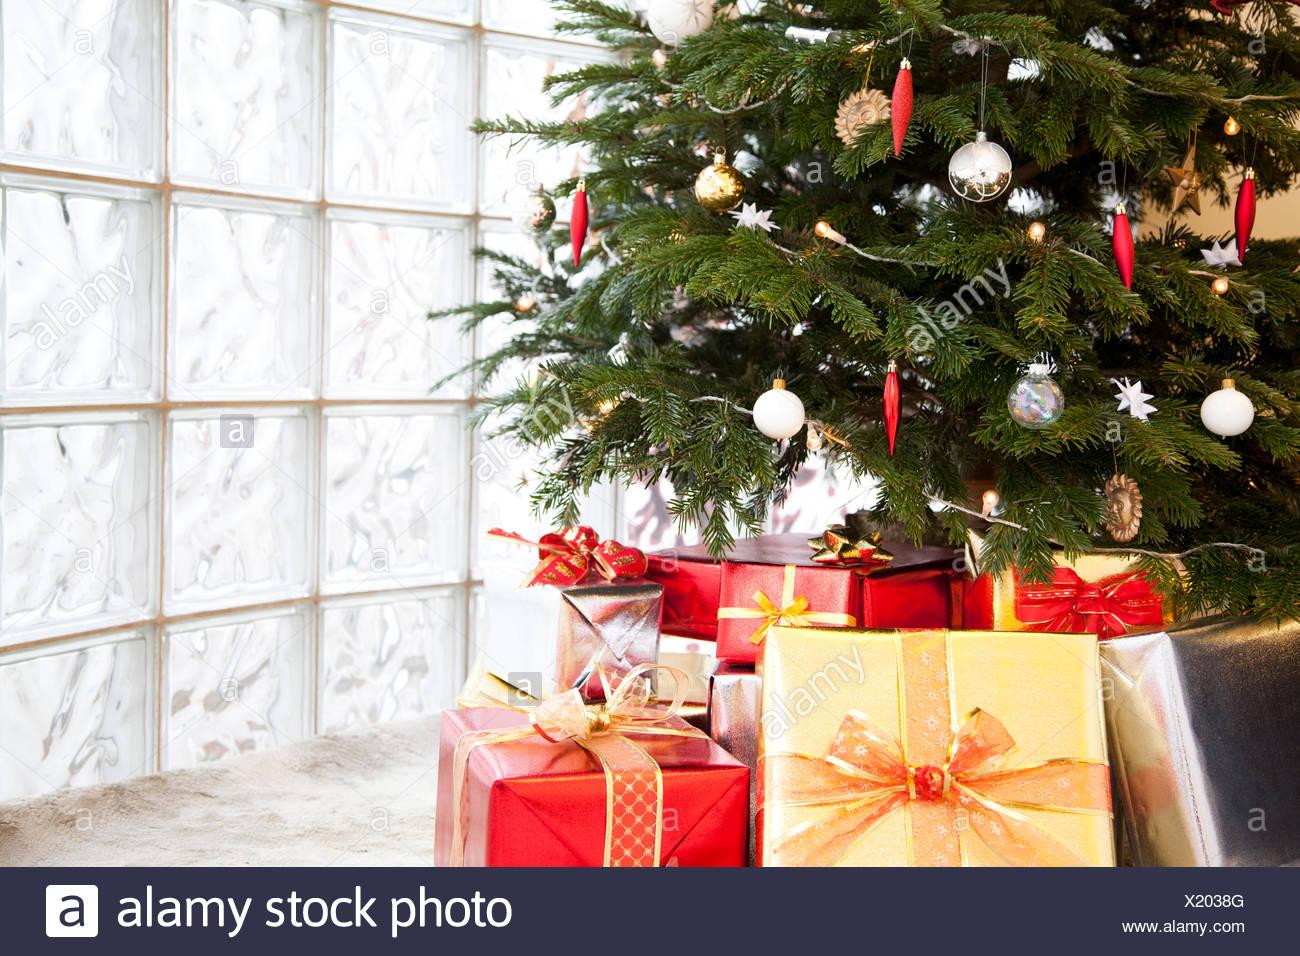 Bilder geschenke unterm weihnachtsbaum – Frohe Weihnachten in Europa